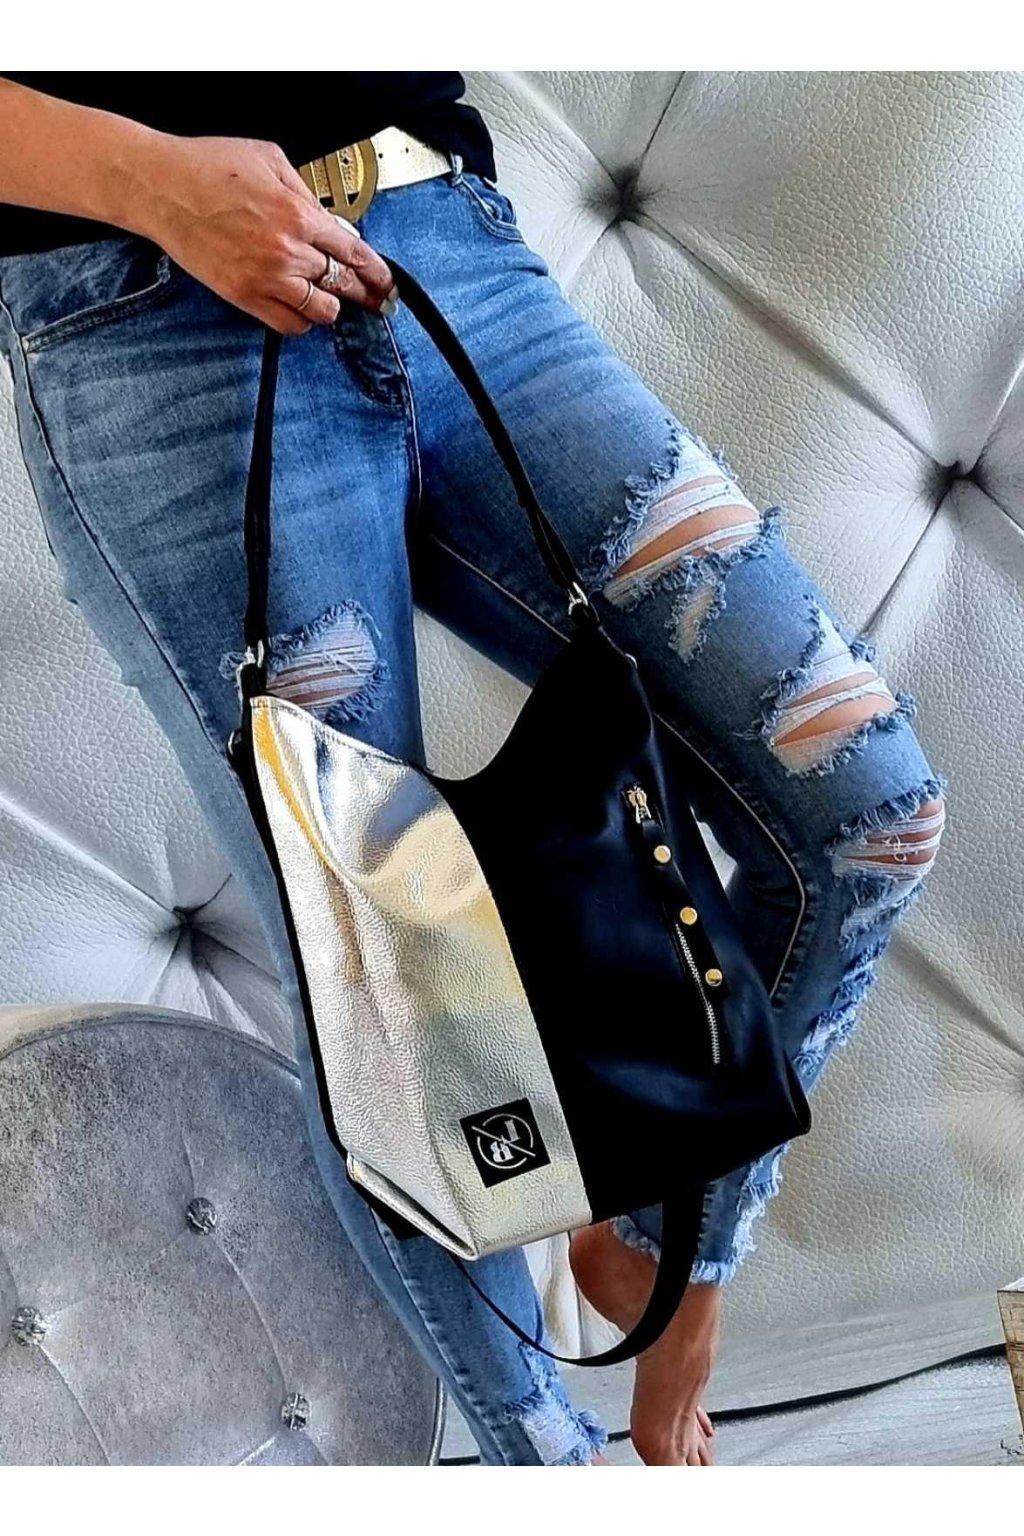 Laura Biaggi kabelka černostříbrná černá a stříbrná trendy luxusní značková kabelka